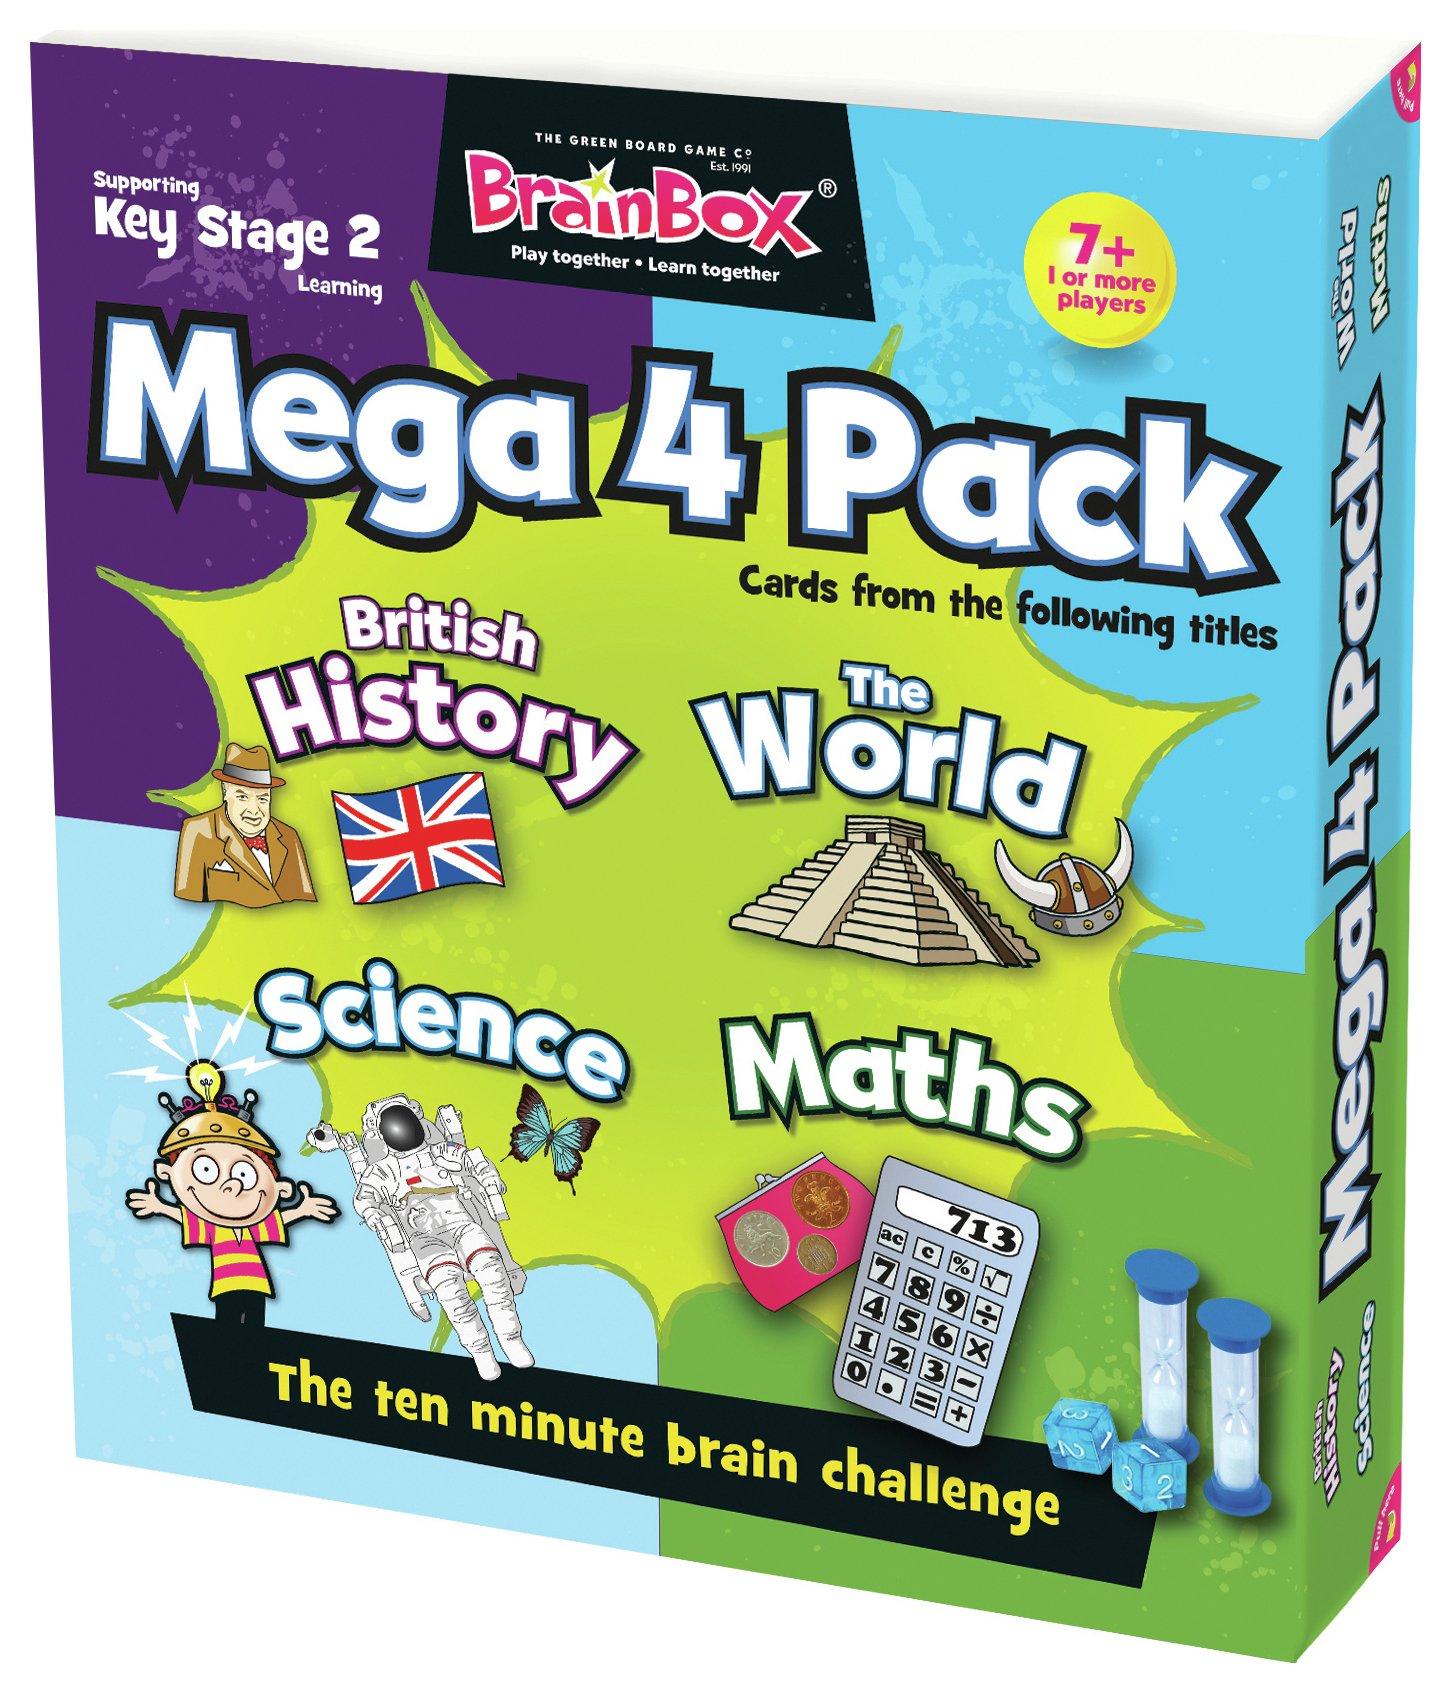 Image of Brainbox - Mega Pack - Key Stage 2 - Game.